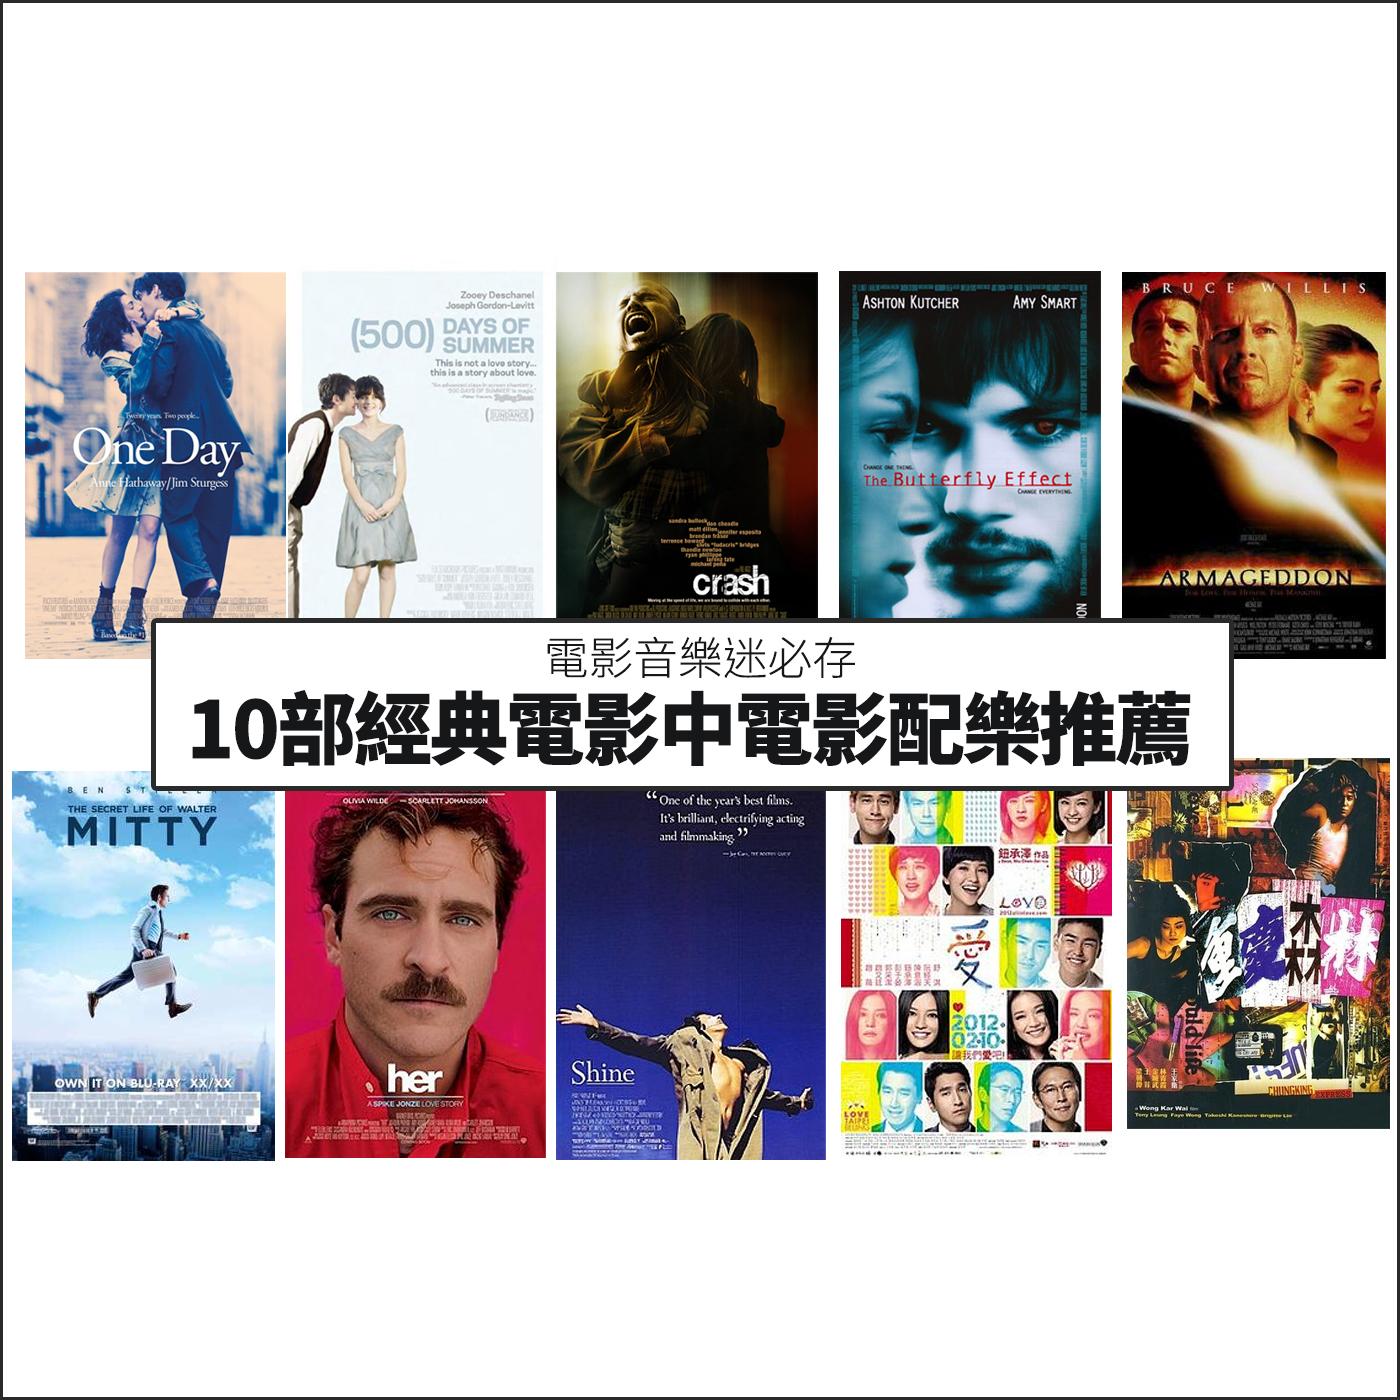 電影音樂,電影配樂,電影配樂介紹,電影主題曲,電影主題曲推薦,電影,電影推薦,電影片尾曲